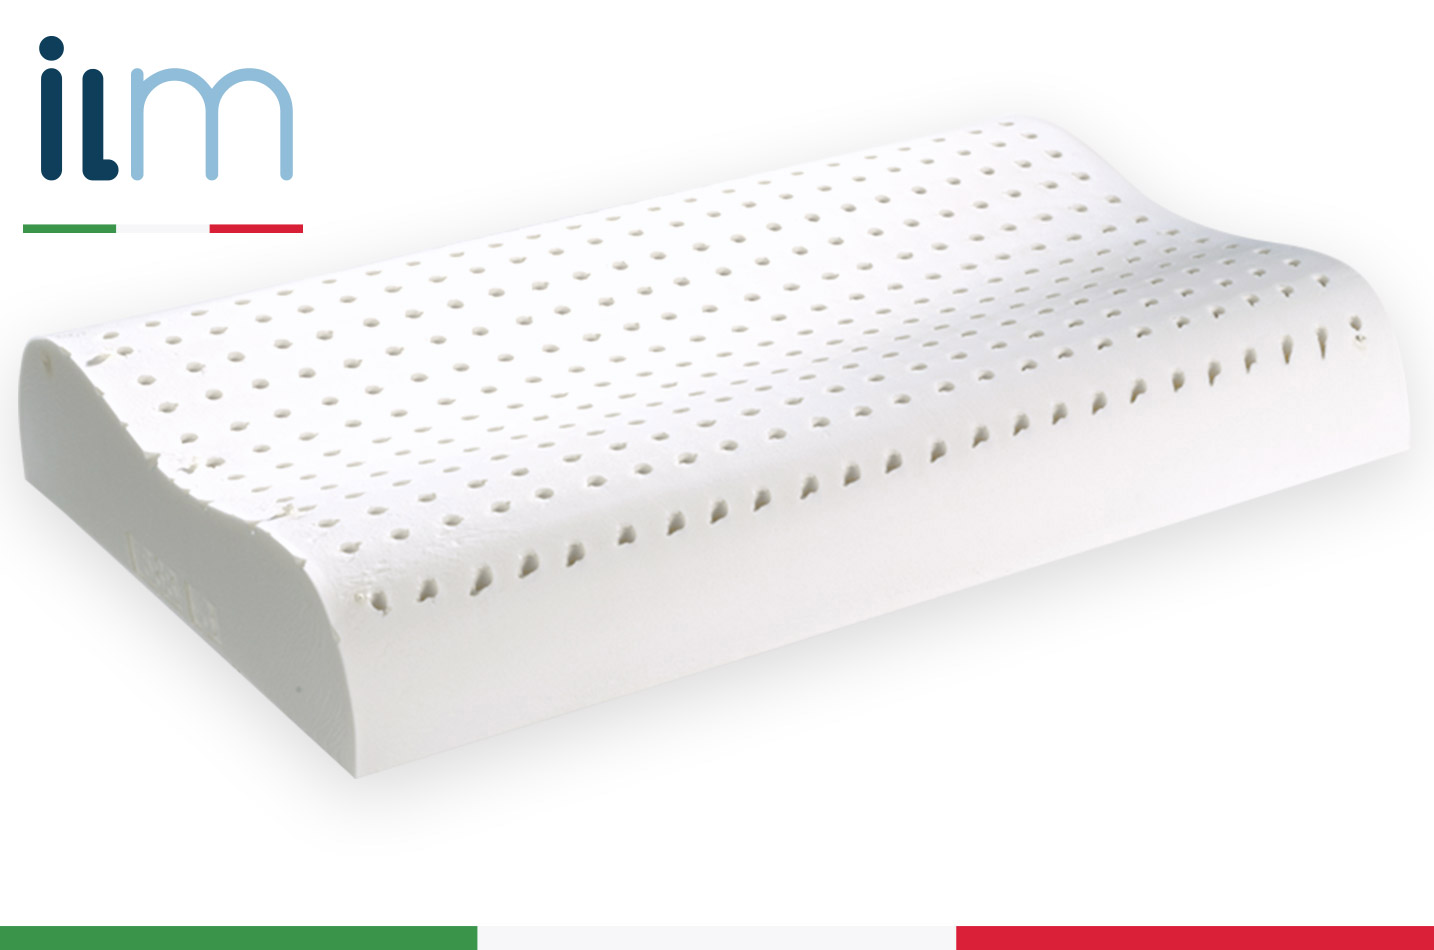 Cuscino in lattice cervicale ergonomico federa - Cuscini letto per cervicale ...